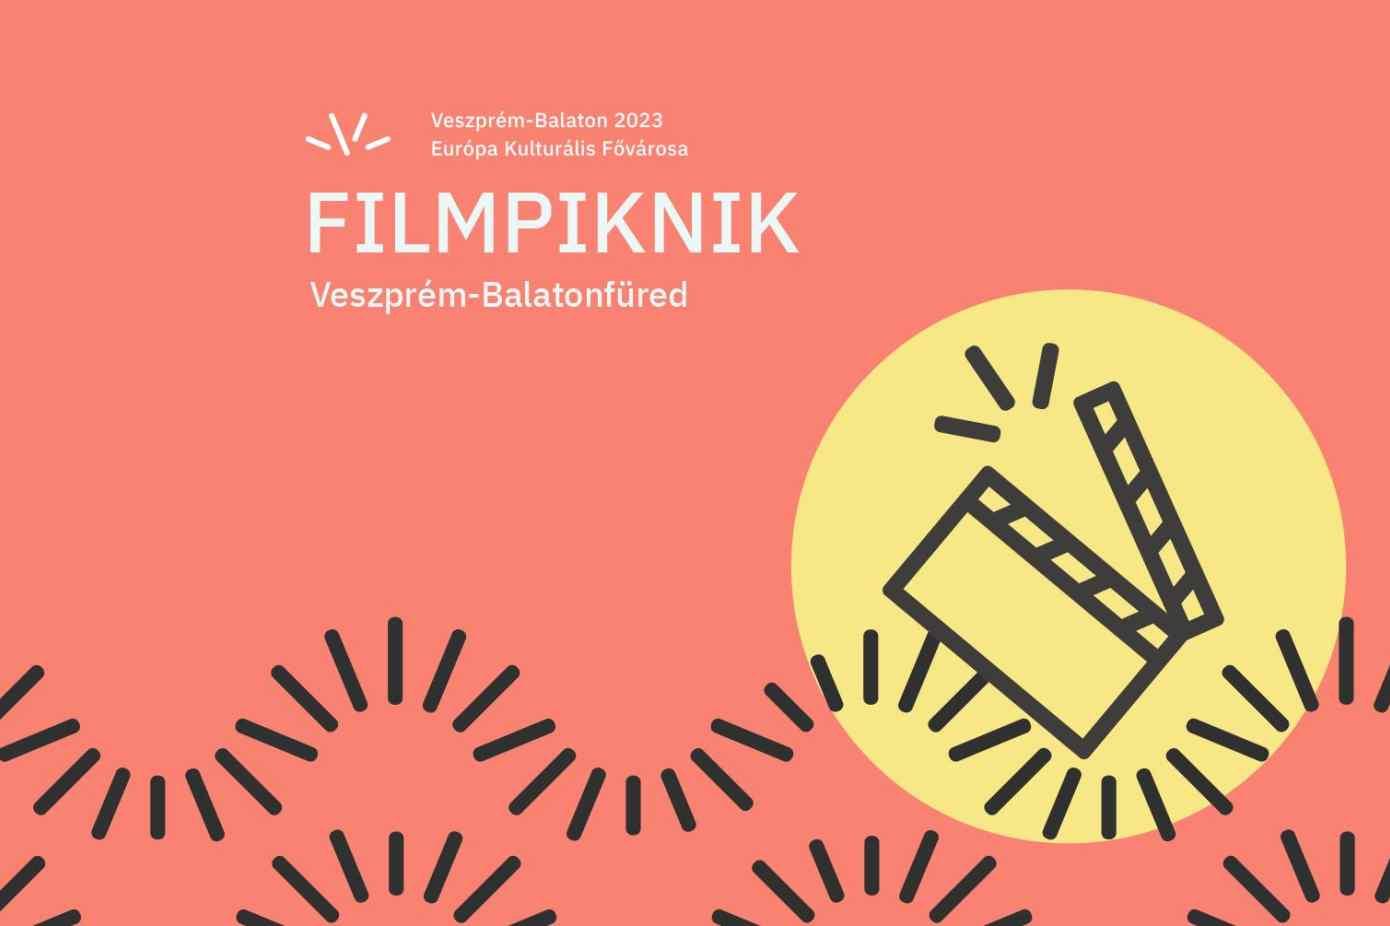 Szeptemberben tartják az első Veszprém-Balaton Filmpikniket